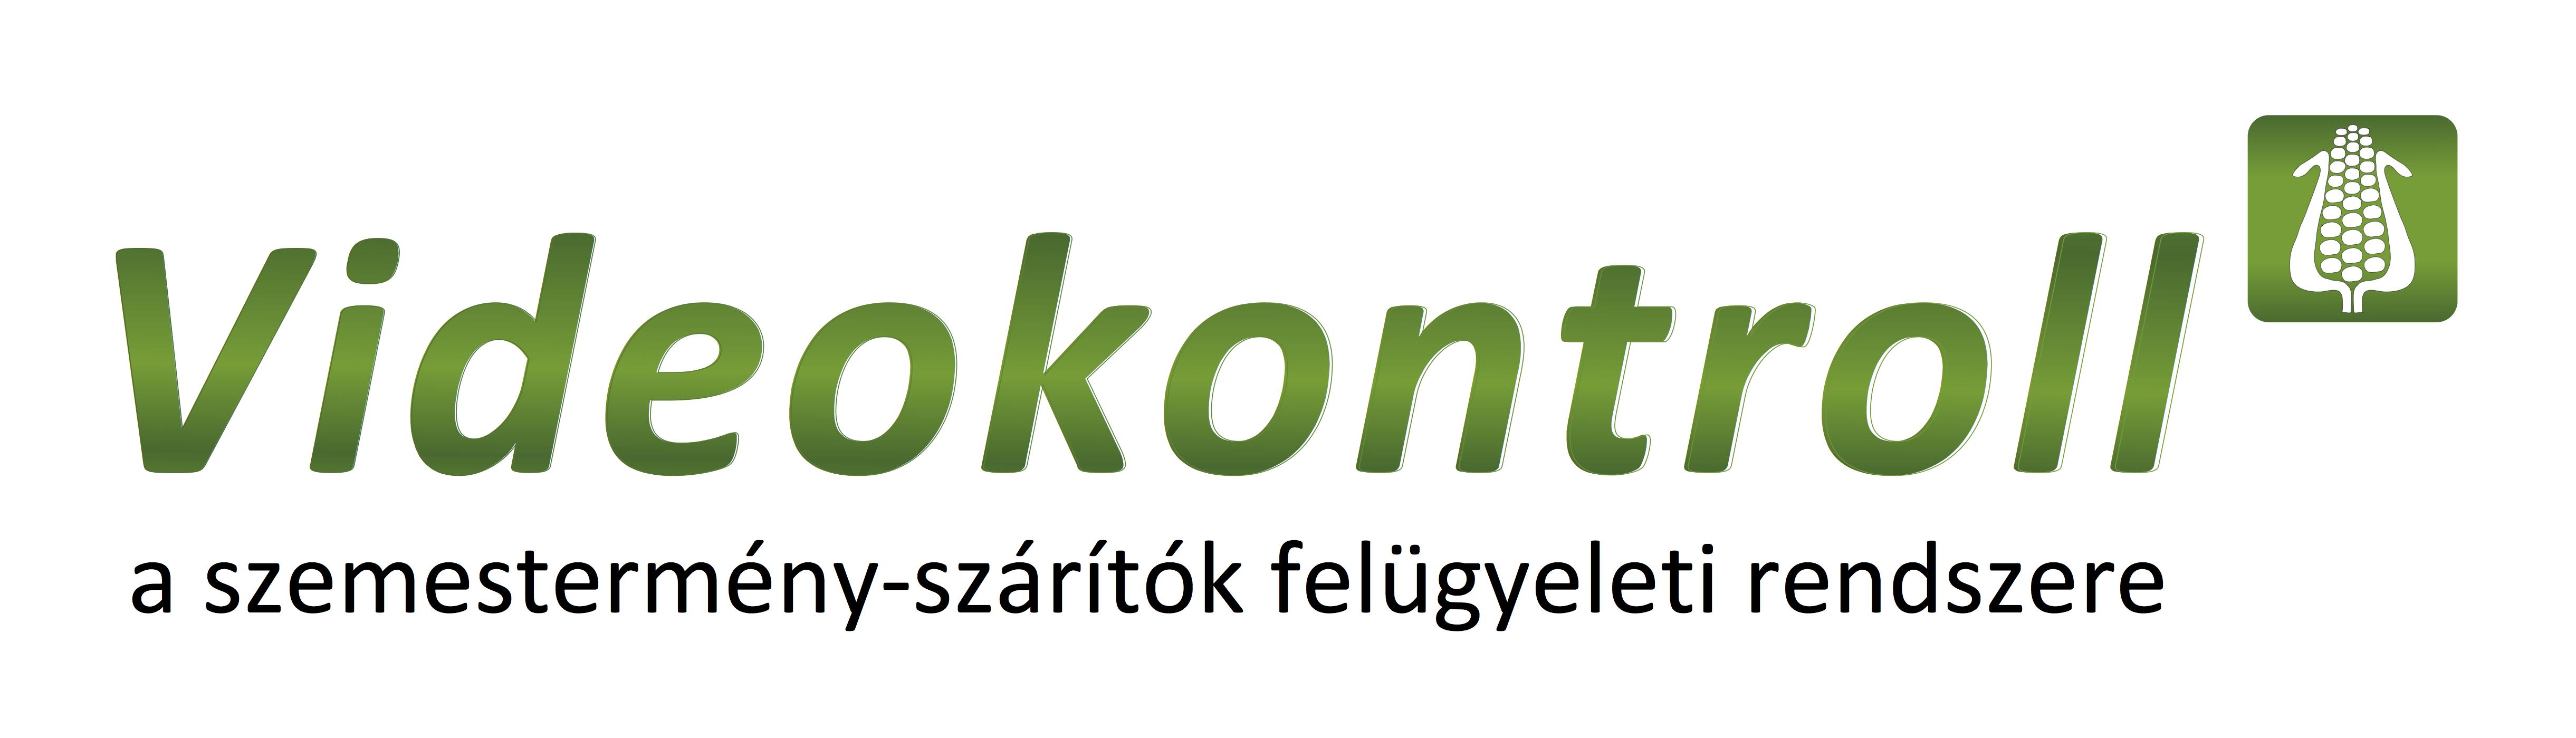 vk-logo-alsoszoveggel-atlatszohatteres-a1meret-1